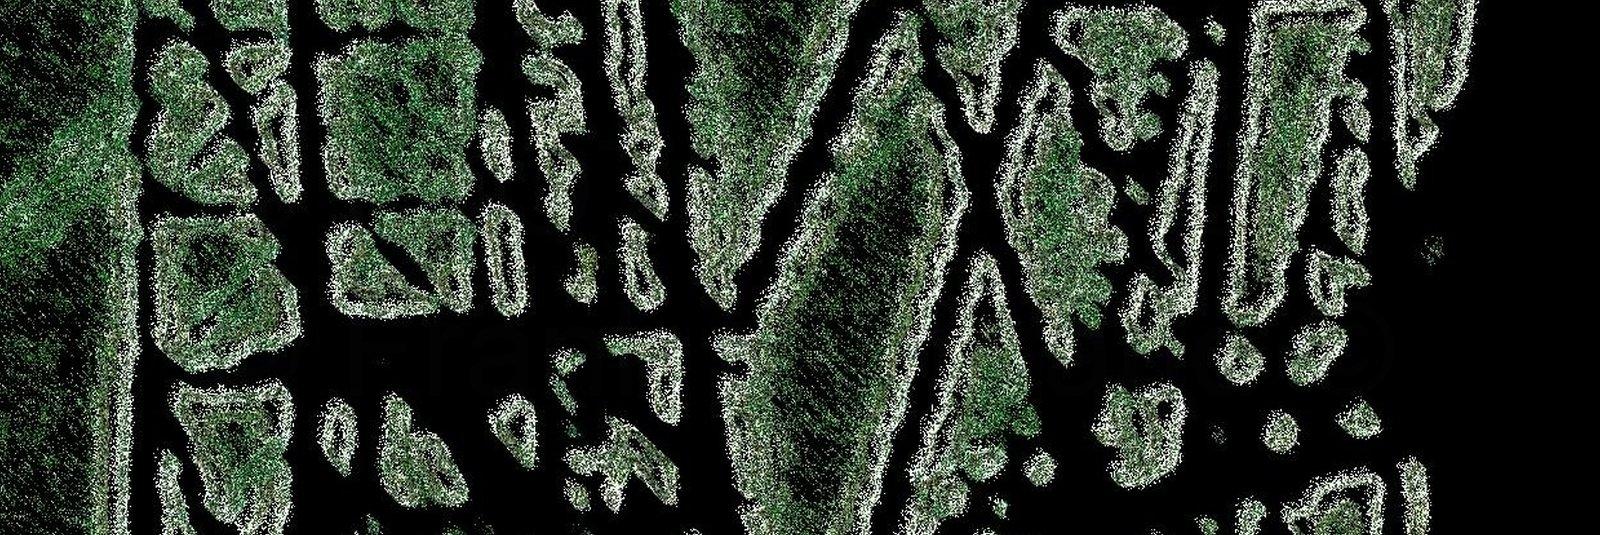 Auflösung I - Detail 4